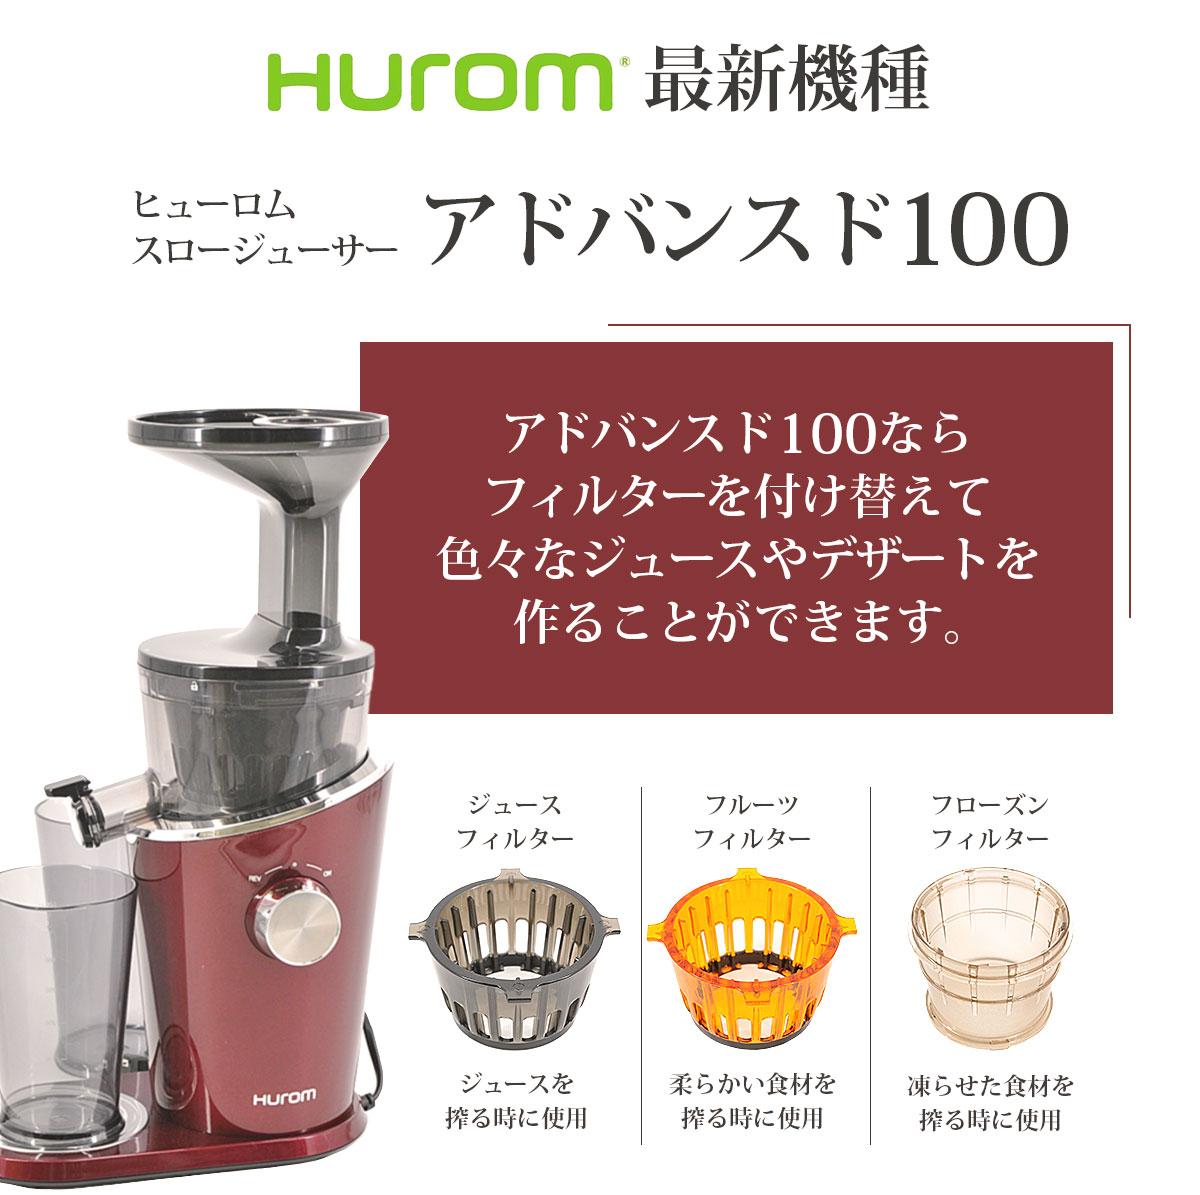 hurom最新機種 ヒューロムスロージューサーアドバンスド100 アドバンスド100ならオプションを付け替えていろいろなジュースやデザートを作ることができます。 ・ジュースストレーナー(ジュースと搾る時に使用)・スムージーストレーナー(柔らかい食材を搾る時に使用)・フローズンストレーナー(凍らせた食材を搾る時に使用)